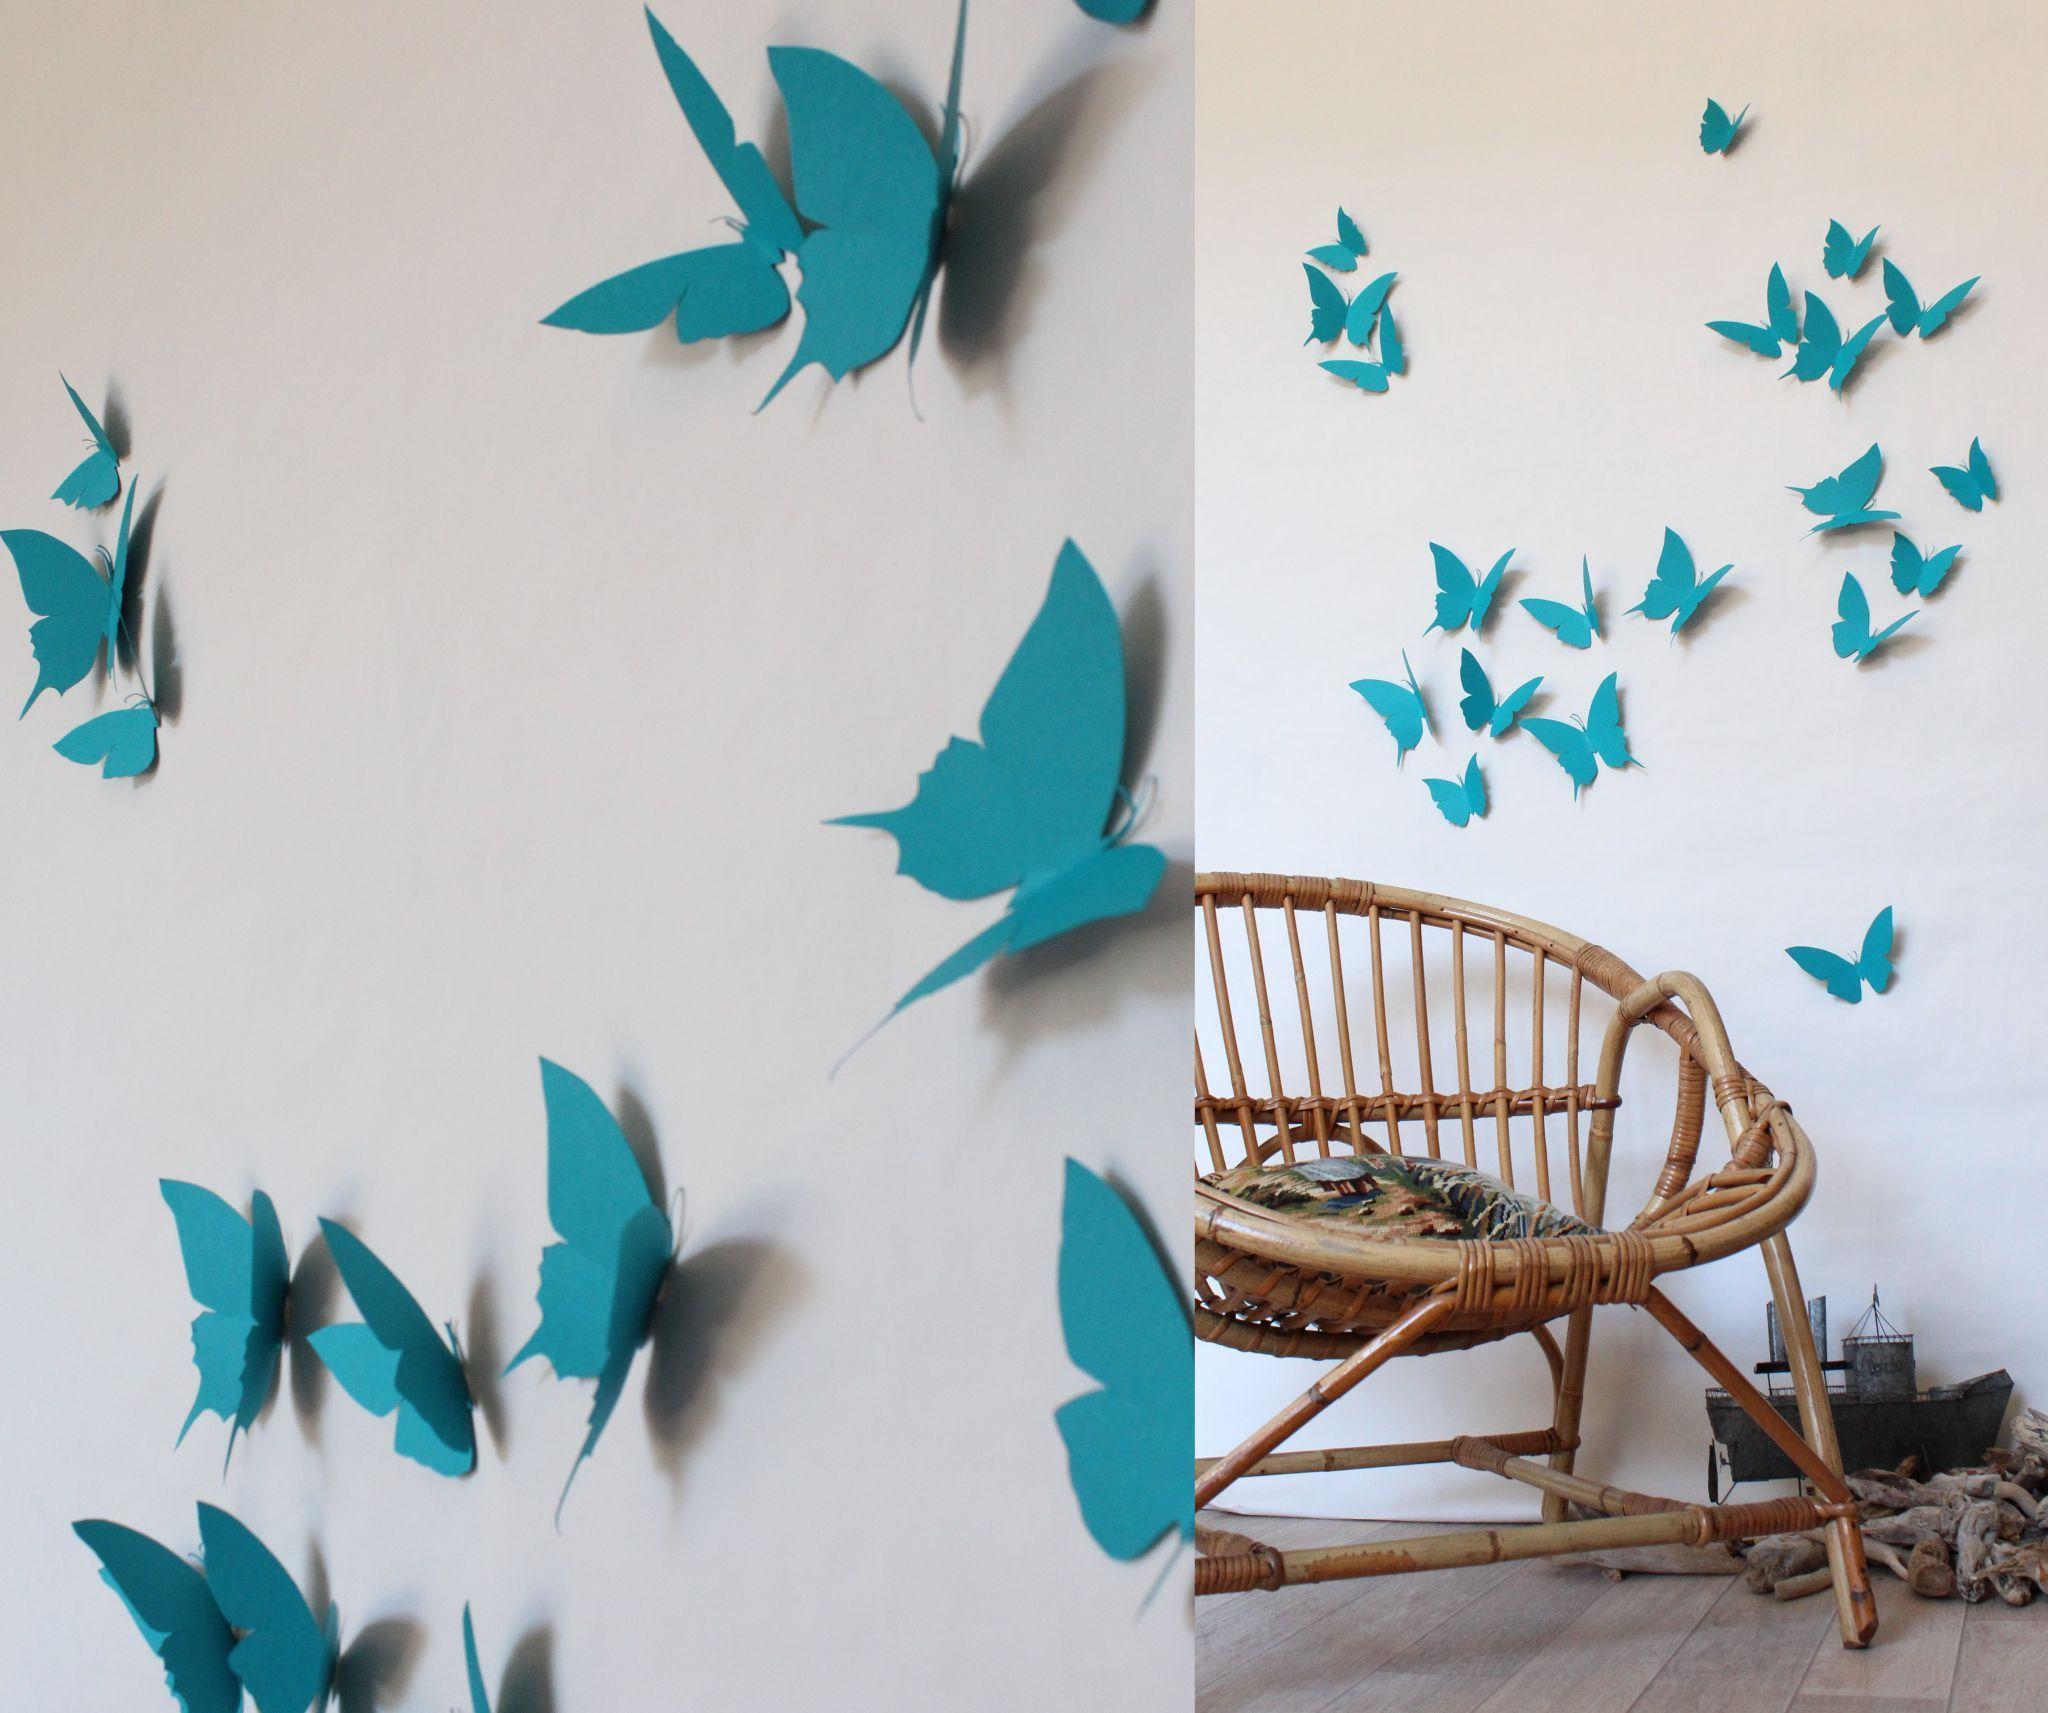 décoration papillons turquoisesTrendy Little2